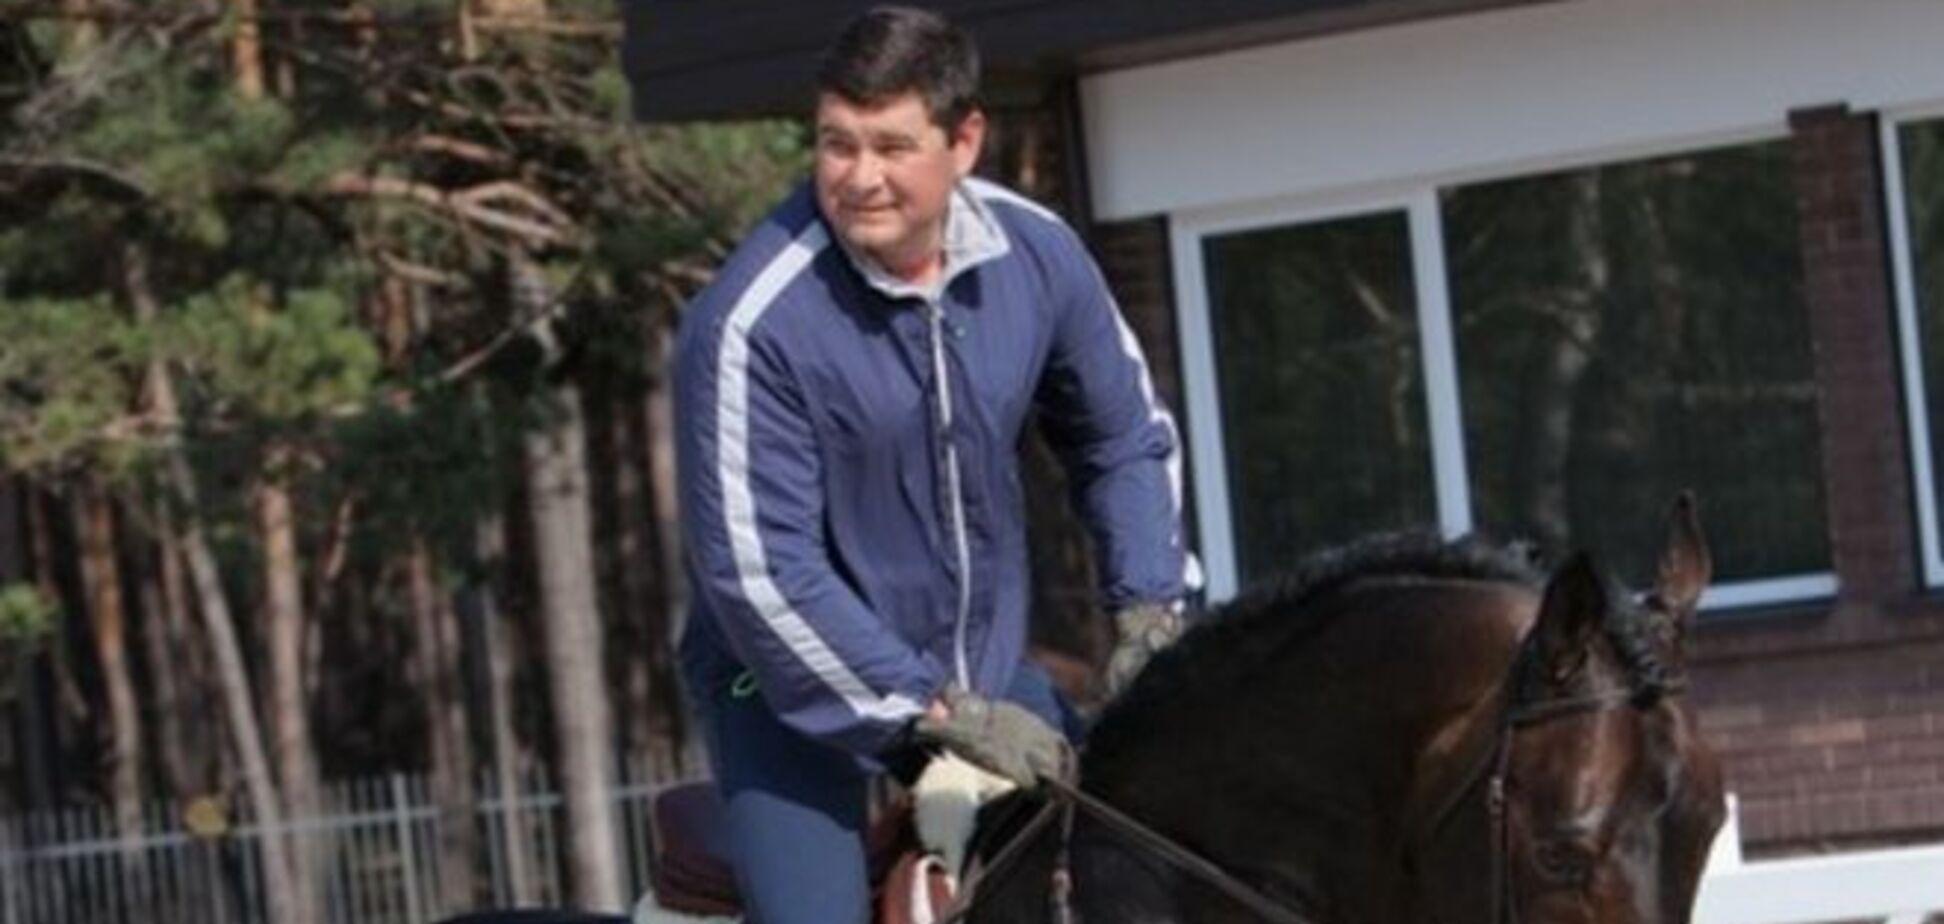 Онищенко о самолетах, Яценюке и бизнесе: топ-заявления любителя красивых женщин и лошадей